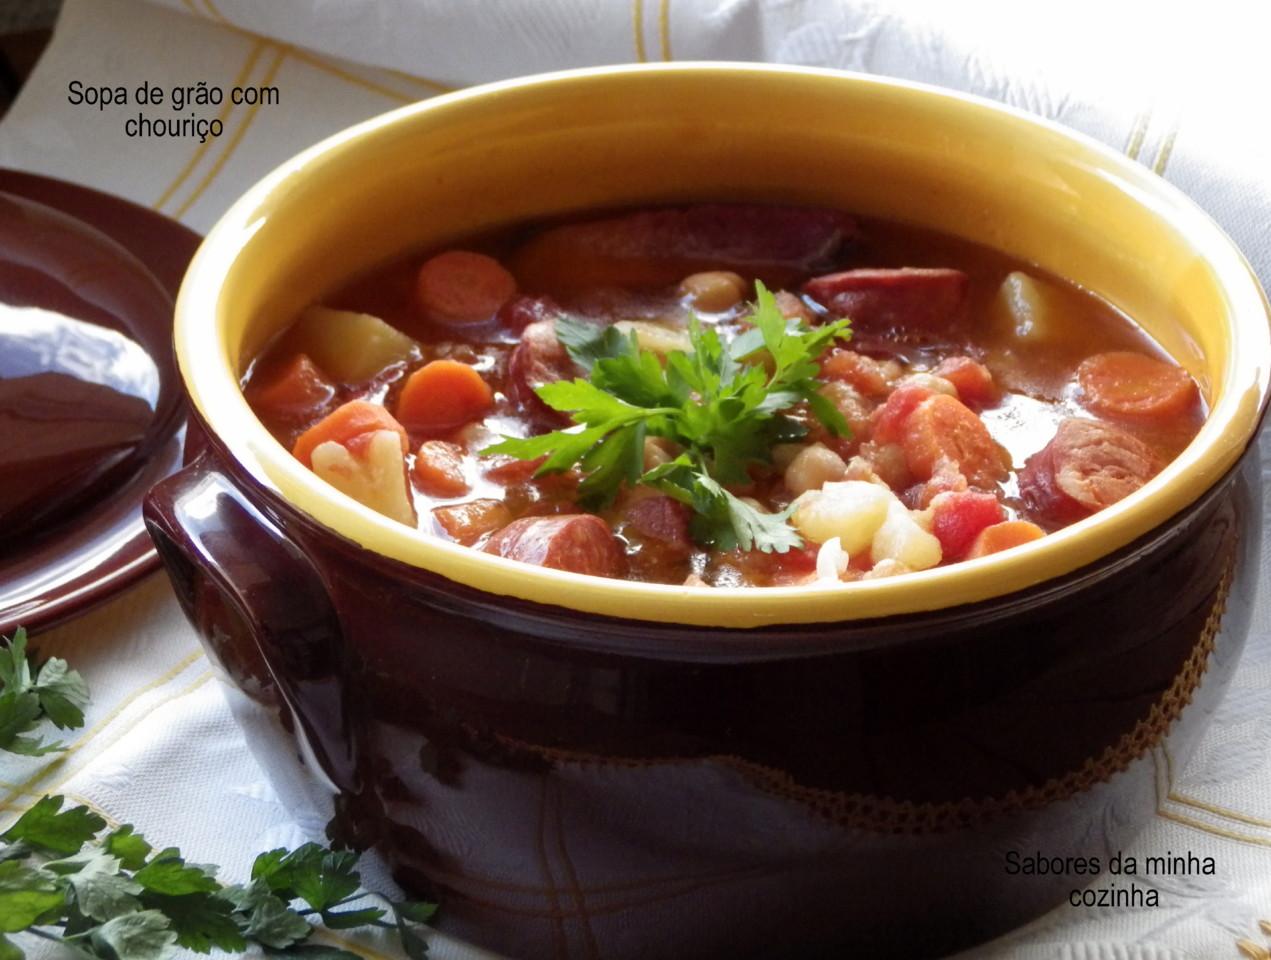 IMGP8364-Sopa de grão com chouriço-Blog.JPG